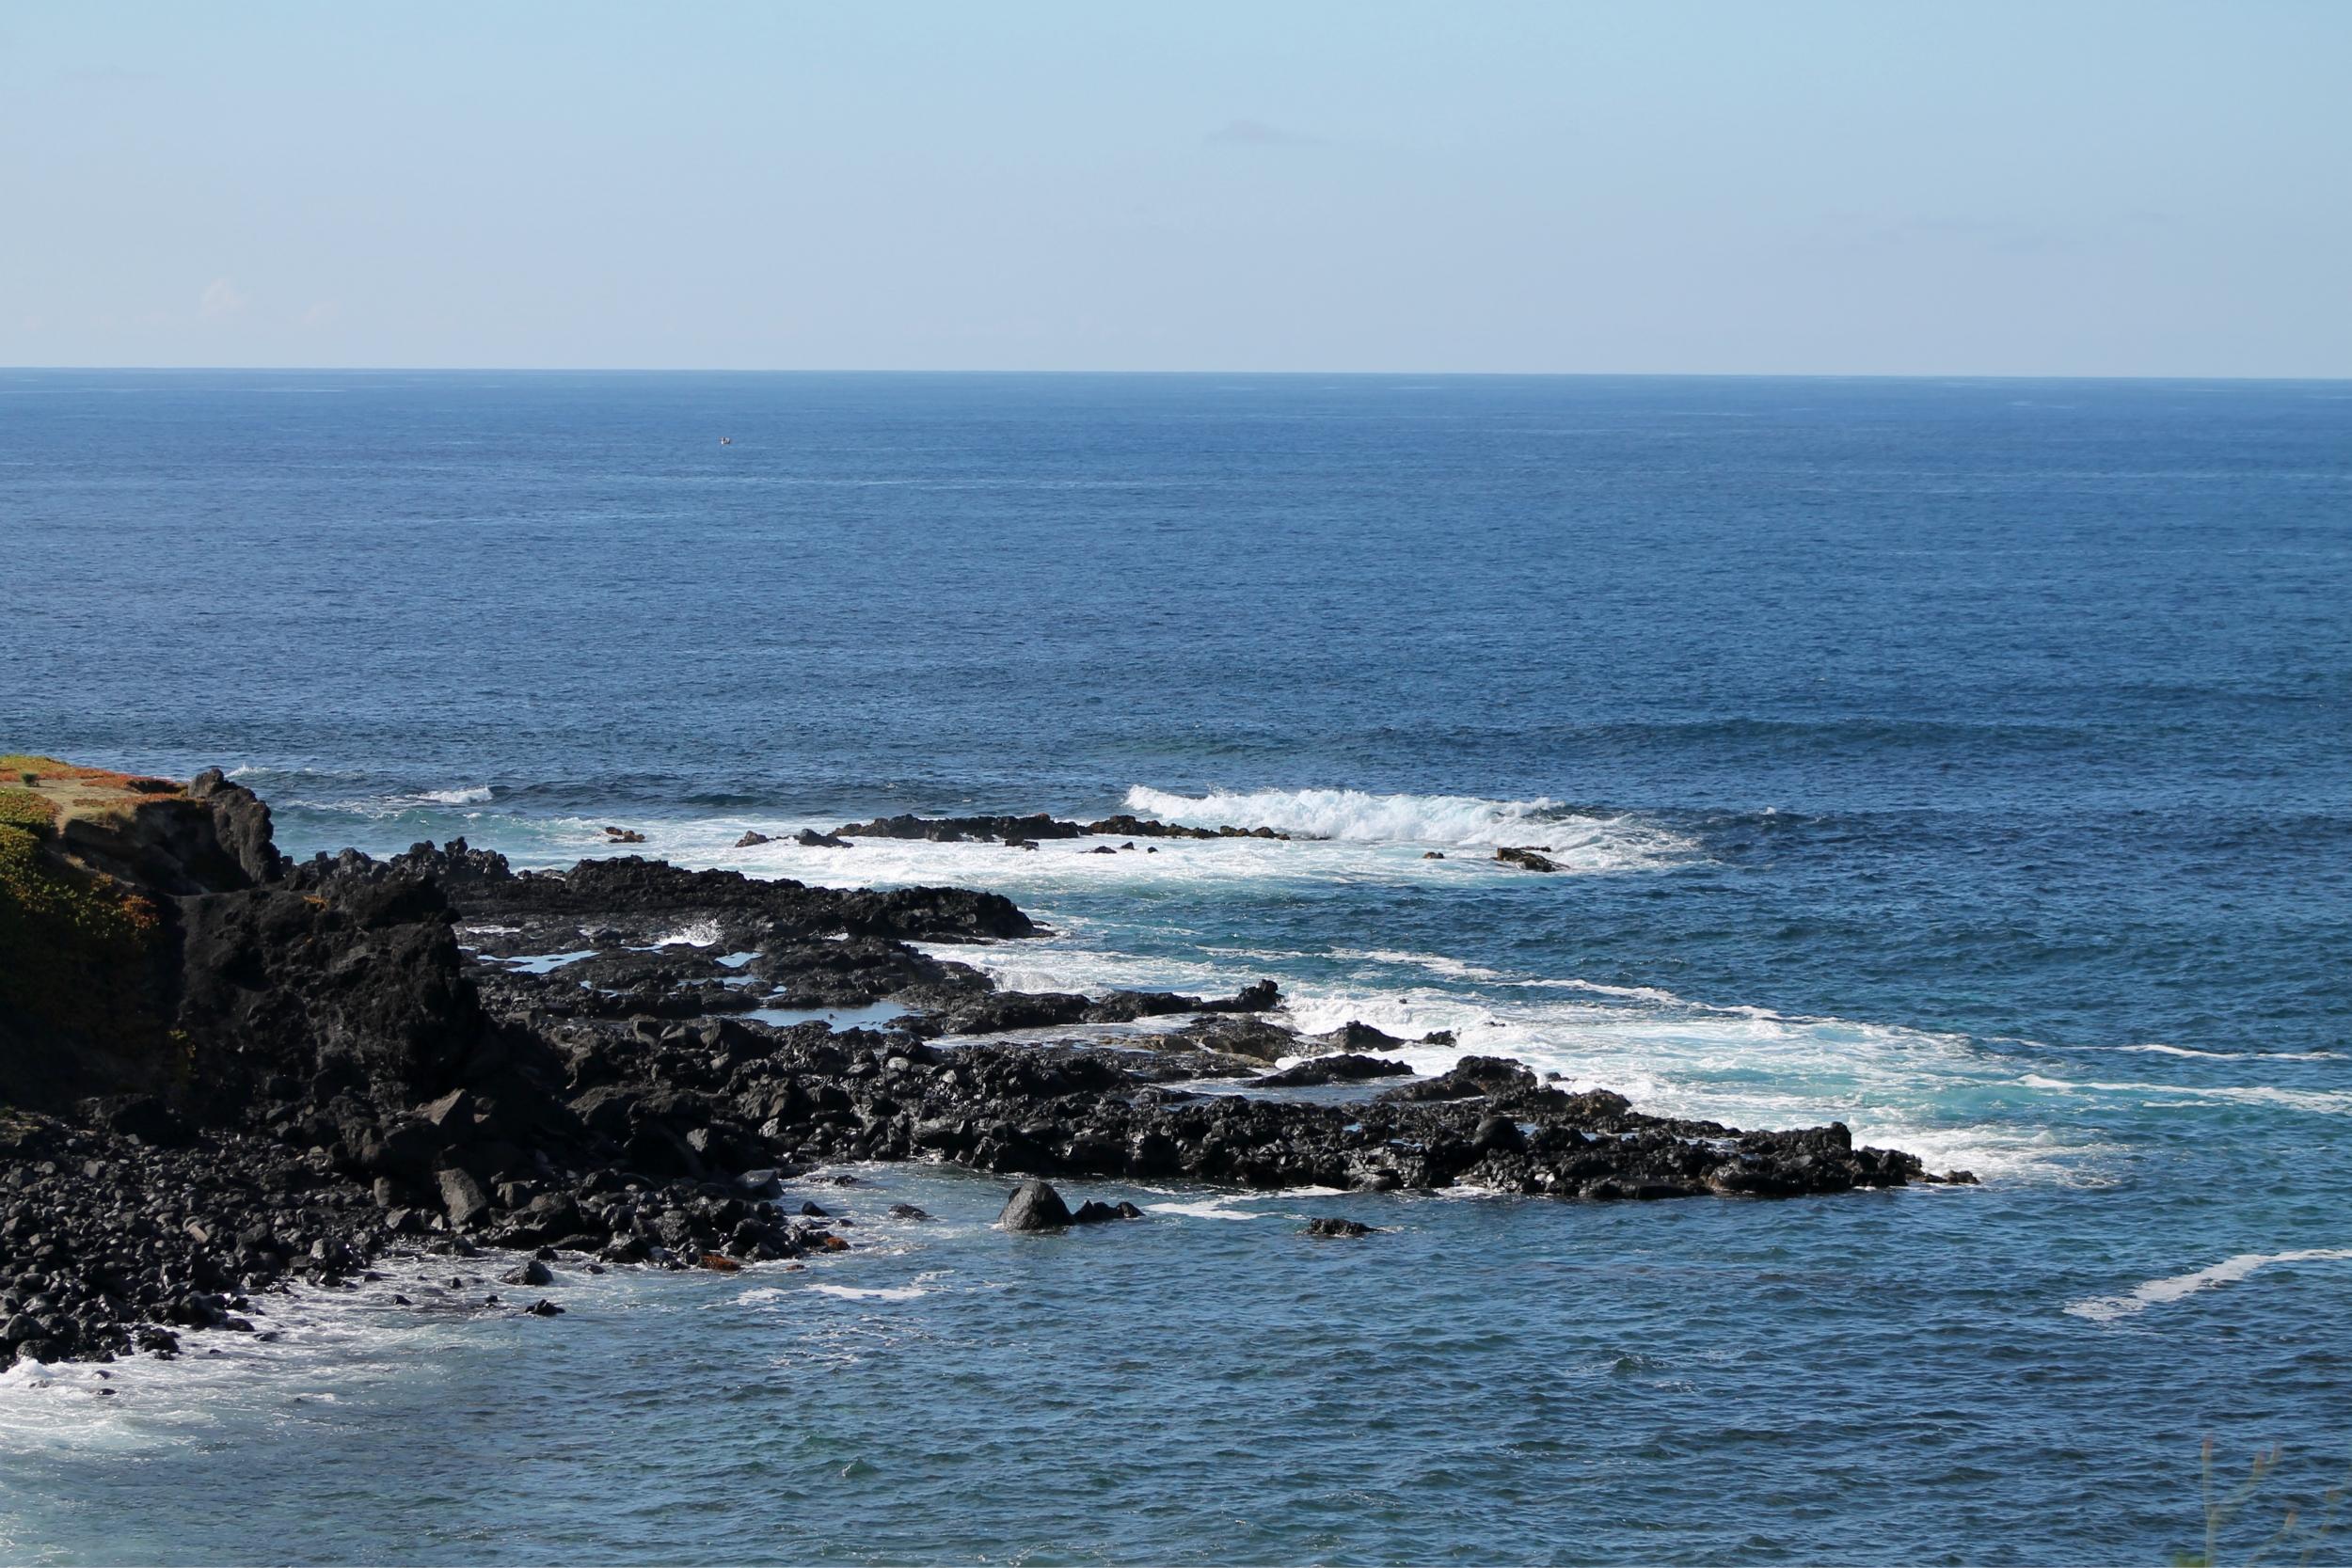 Hintergrundbilder Schiff Meer Bucht Wasser Rock Ufer Liebe